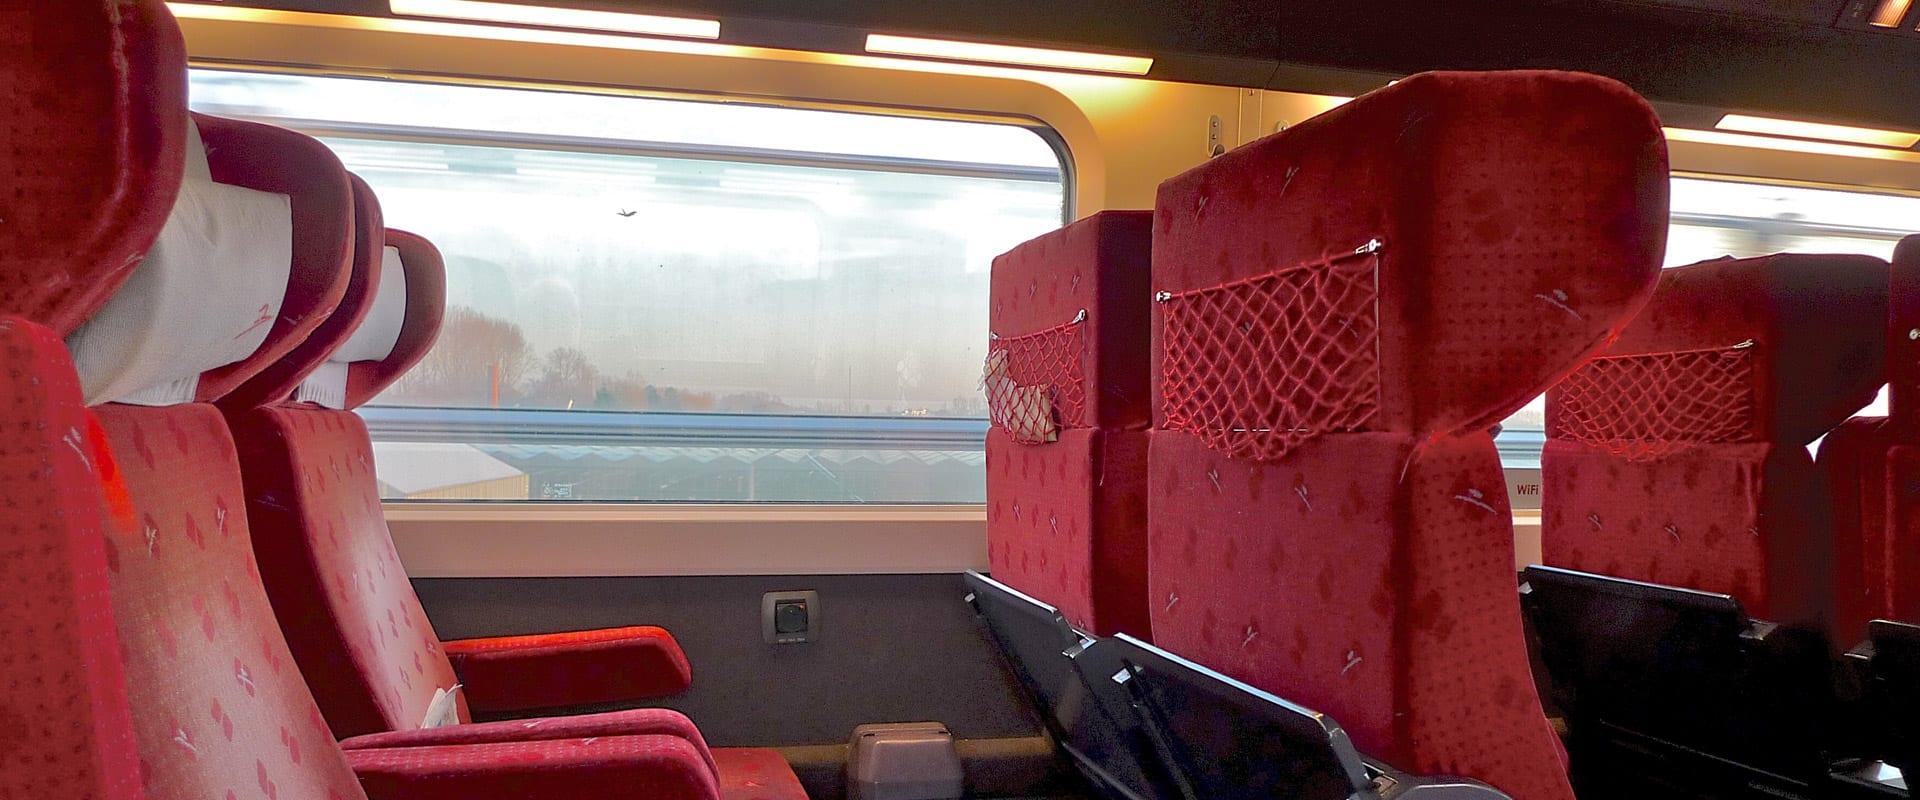 Trem de Paris para Bruxelas